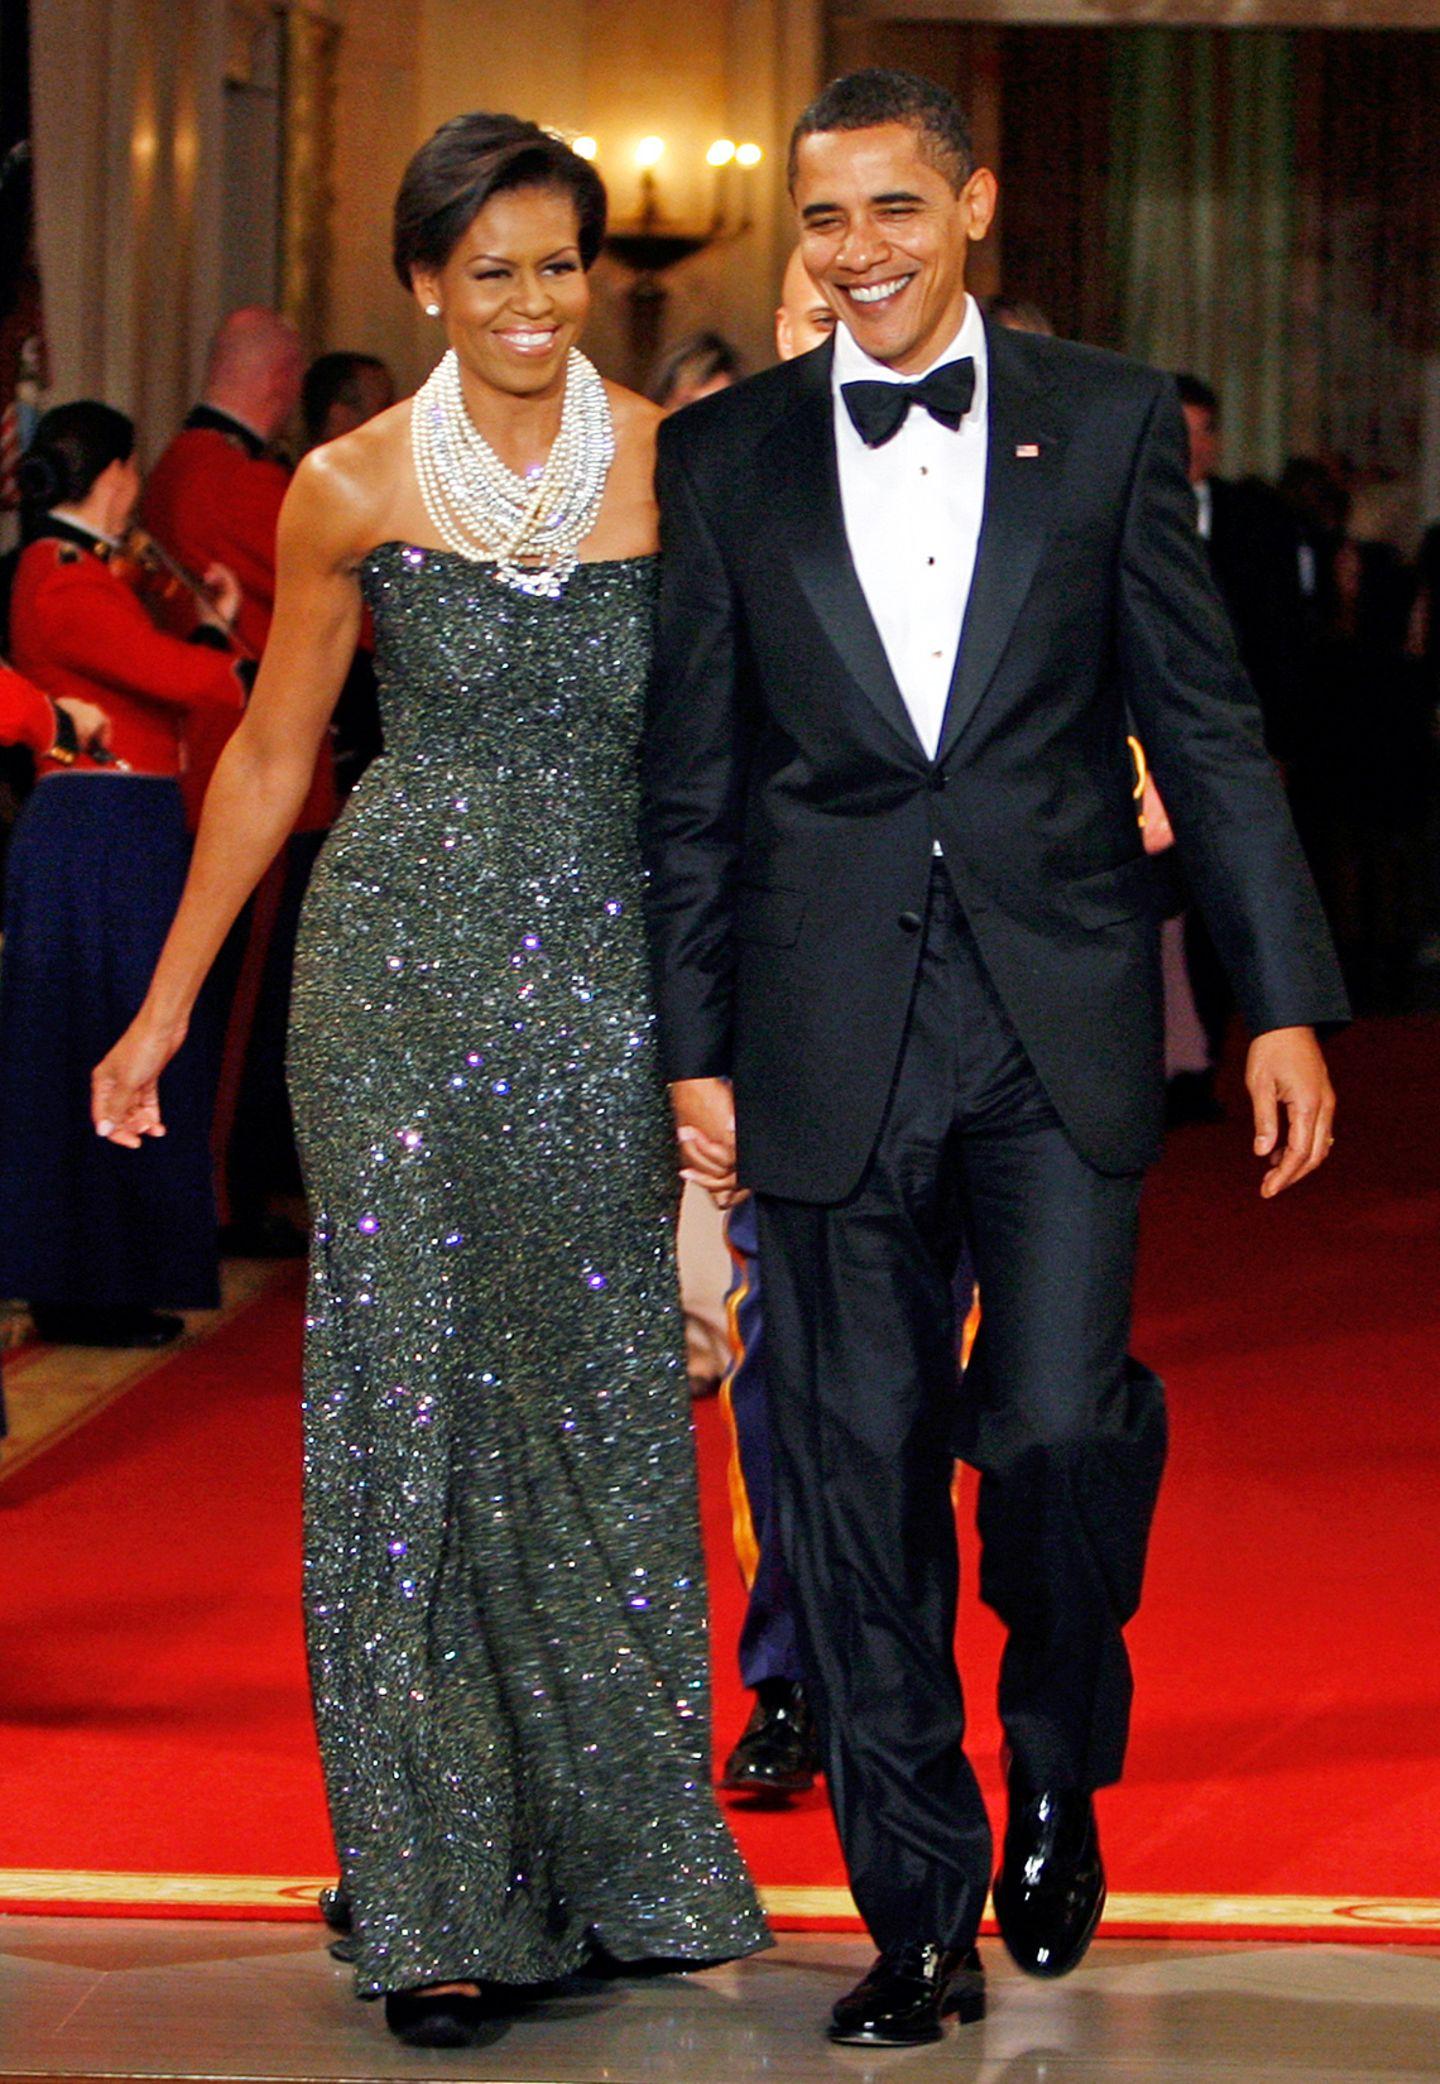 Beim Governor's Dinner 2009 beeindruckt Michelle Obama im grau-glitzernden Glamour-Kleid.